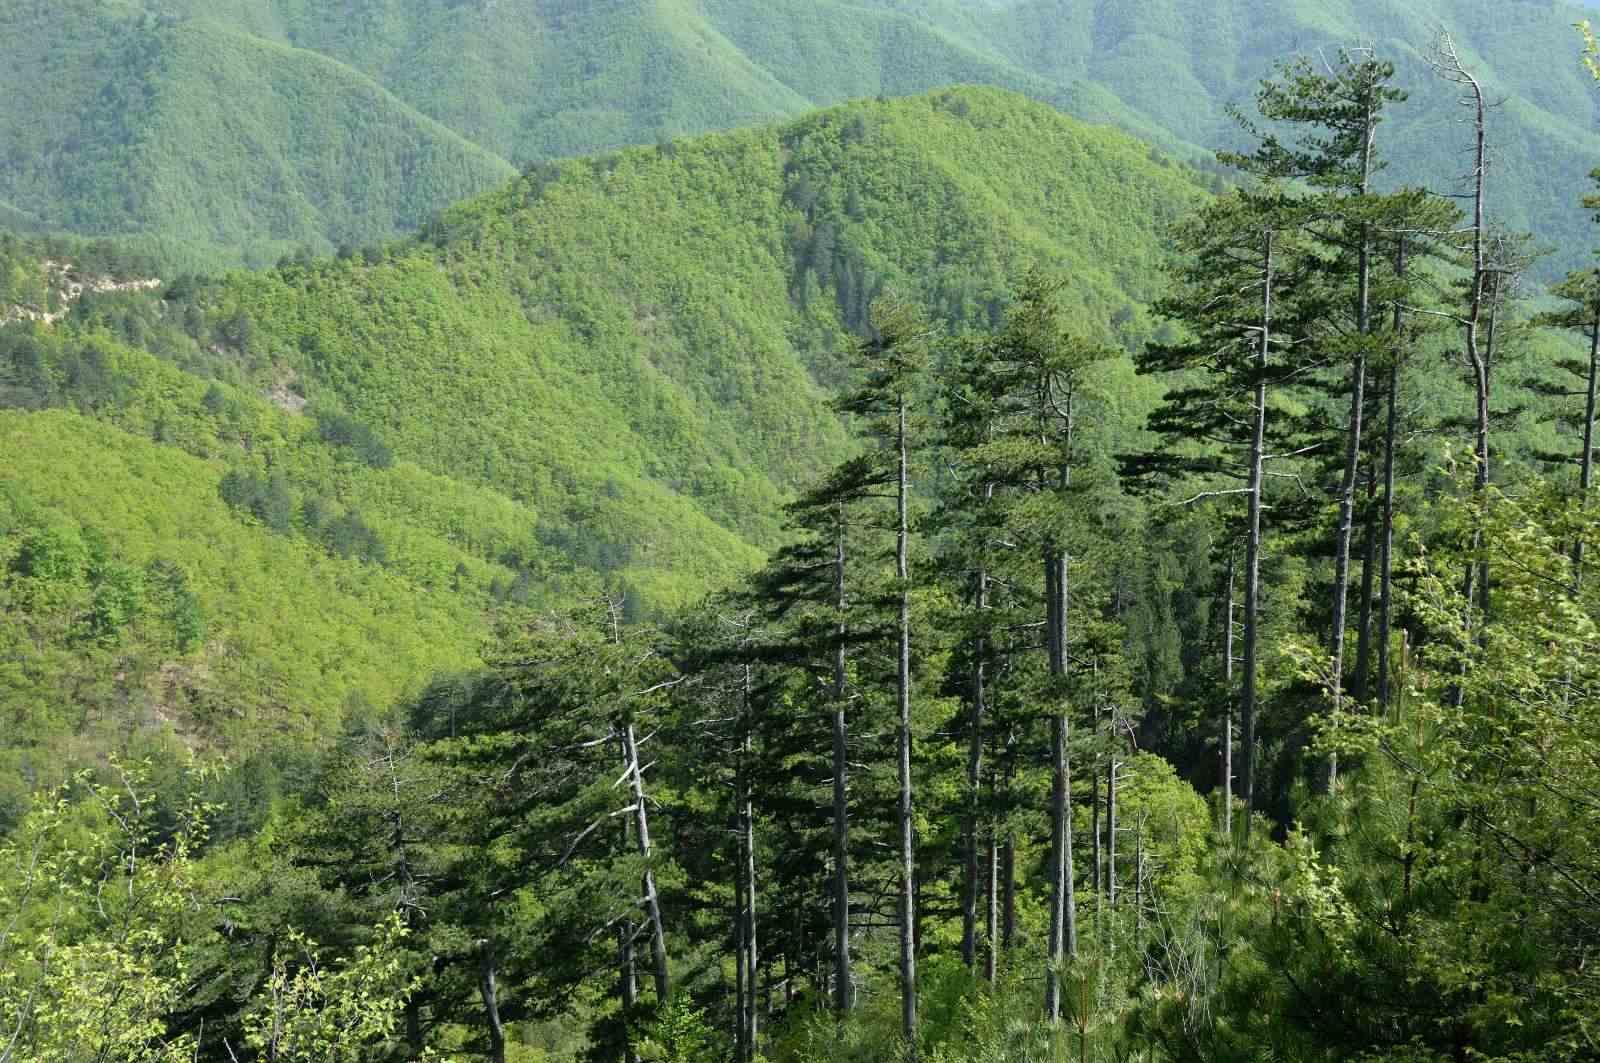 ανάρτηση των δασικών χαρτών της χώρας bg